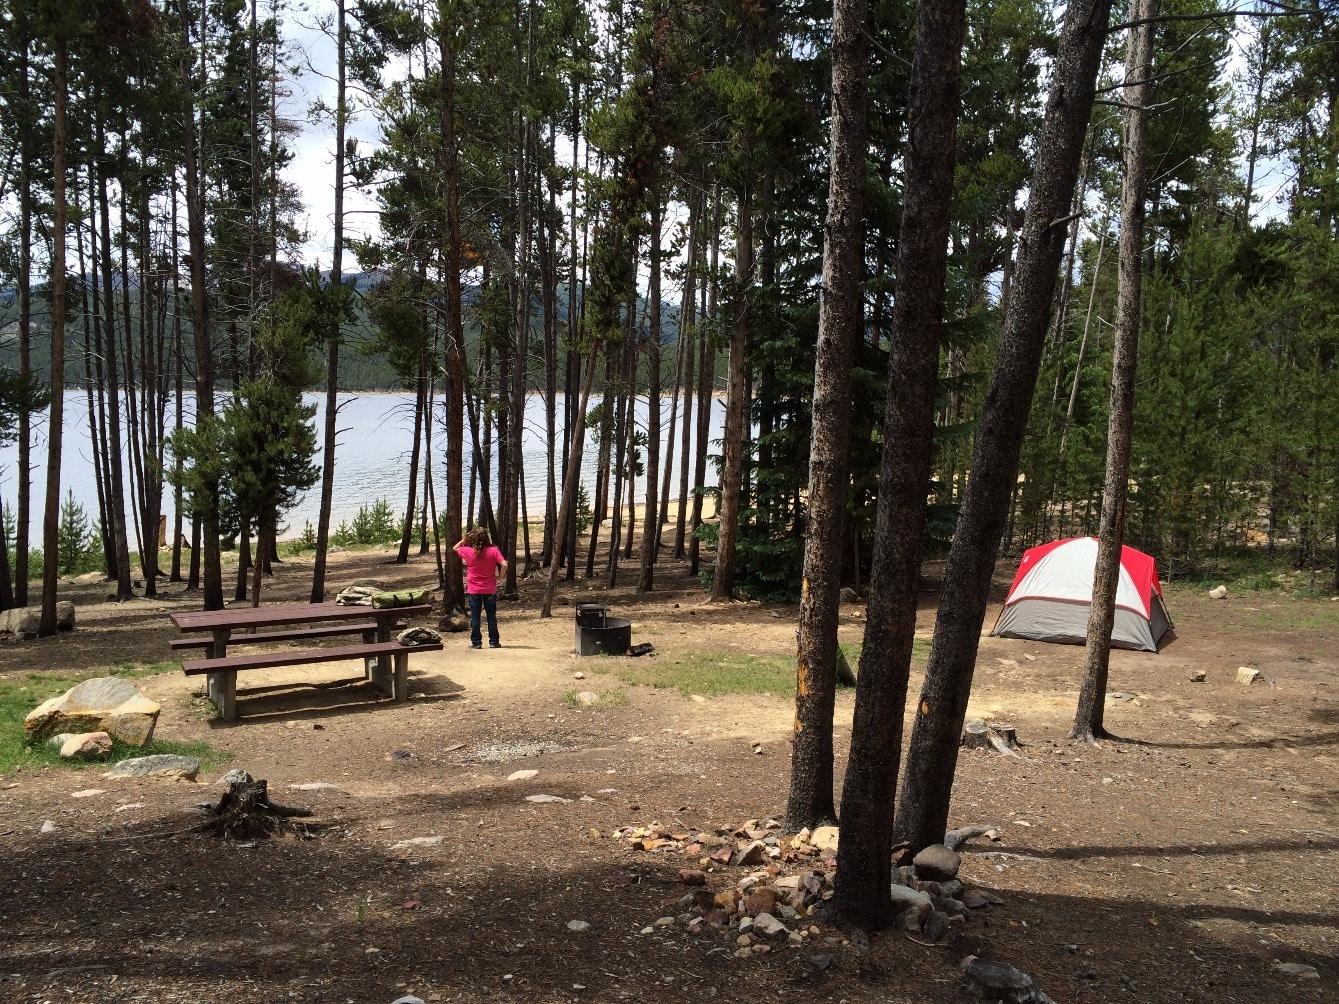 Belle of Colorado - Campsite #2